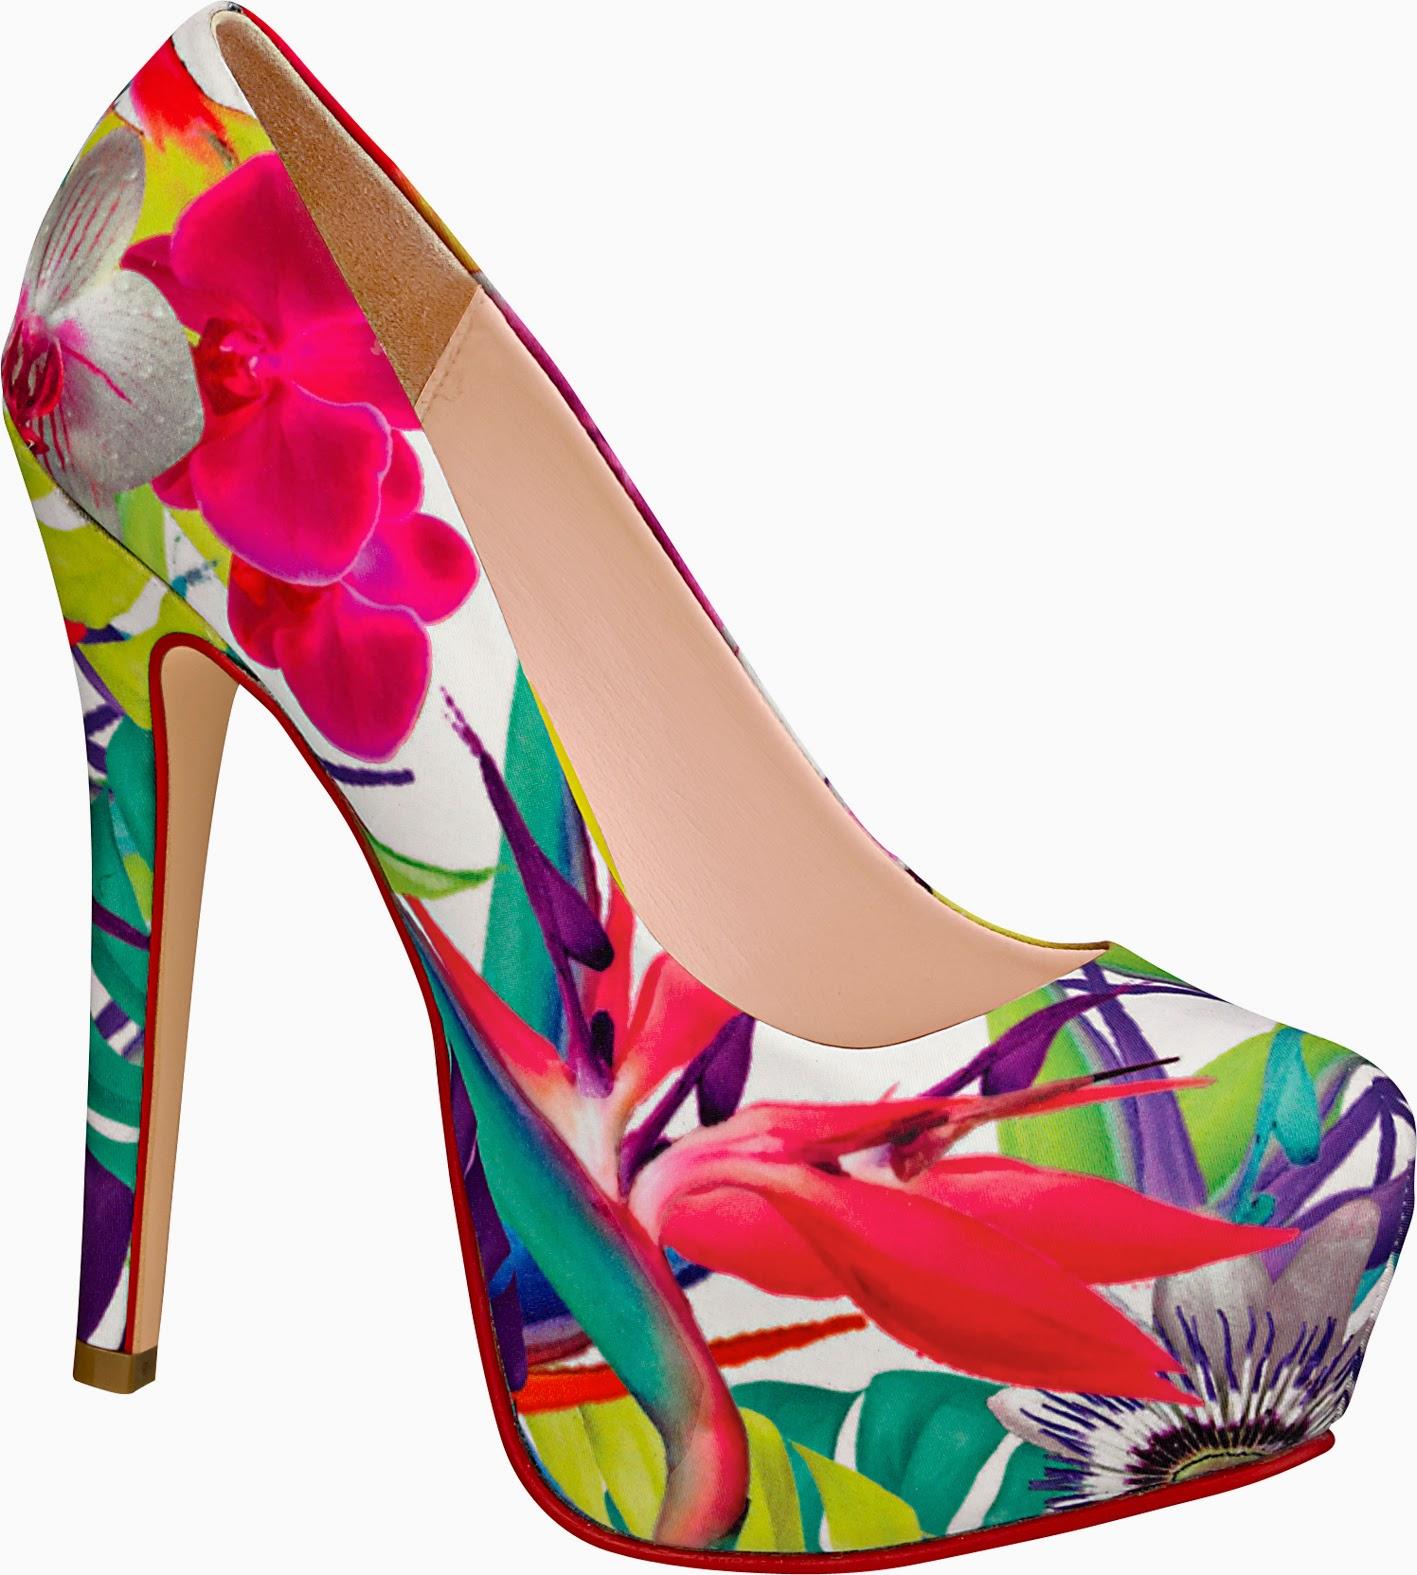 imagenes de zapatillas andrea - imagenes de zapatillas | Zapatos de tacón de moda IMujer